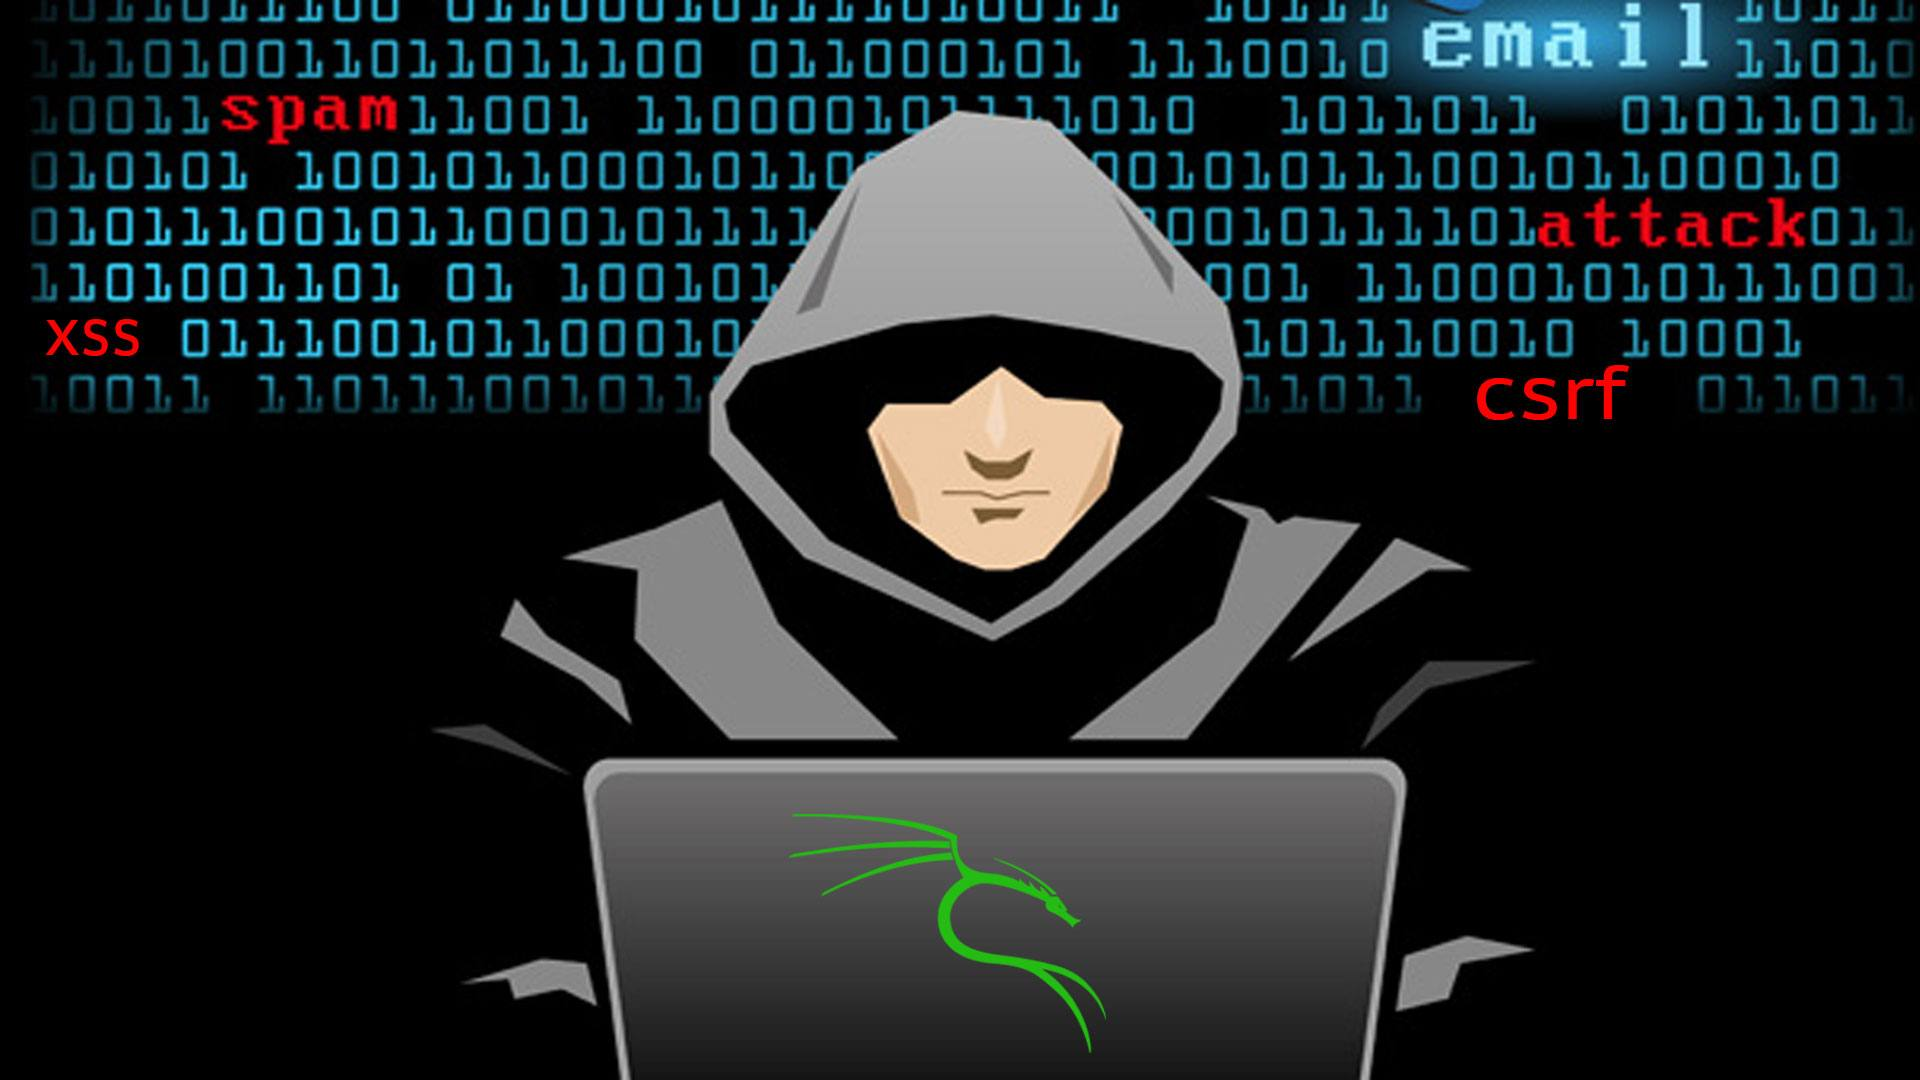 پلاگین امنیتی وردپرس | افزایش امنیت وردپرس